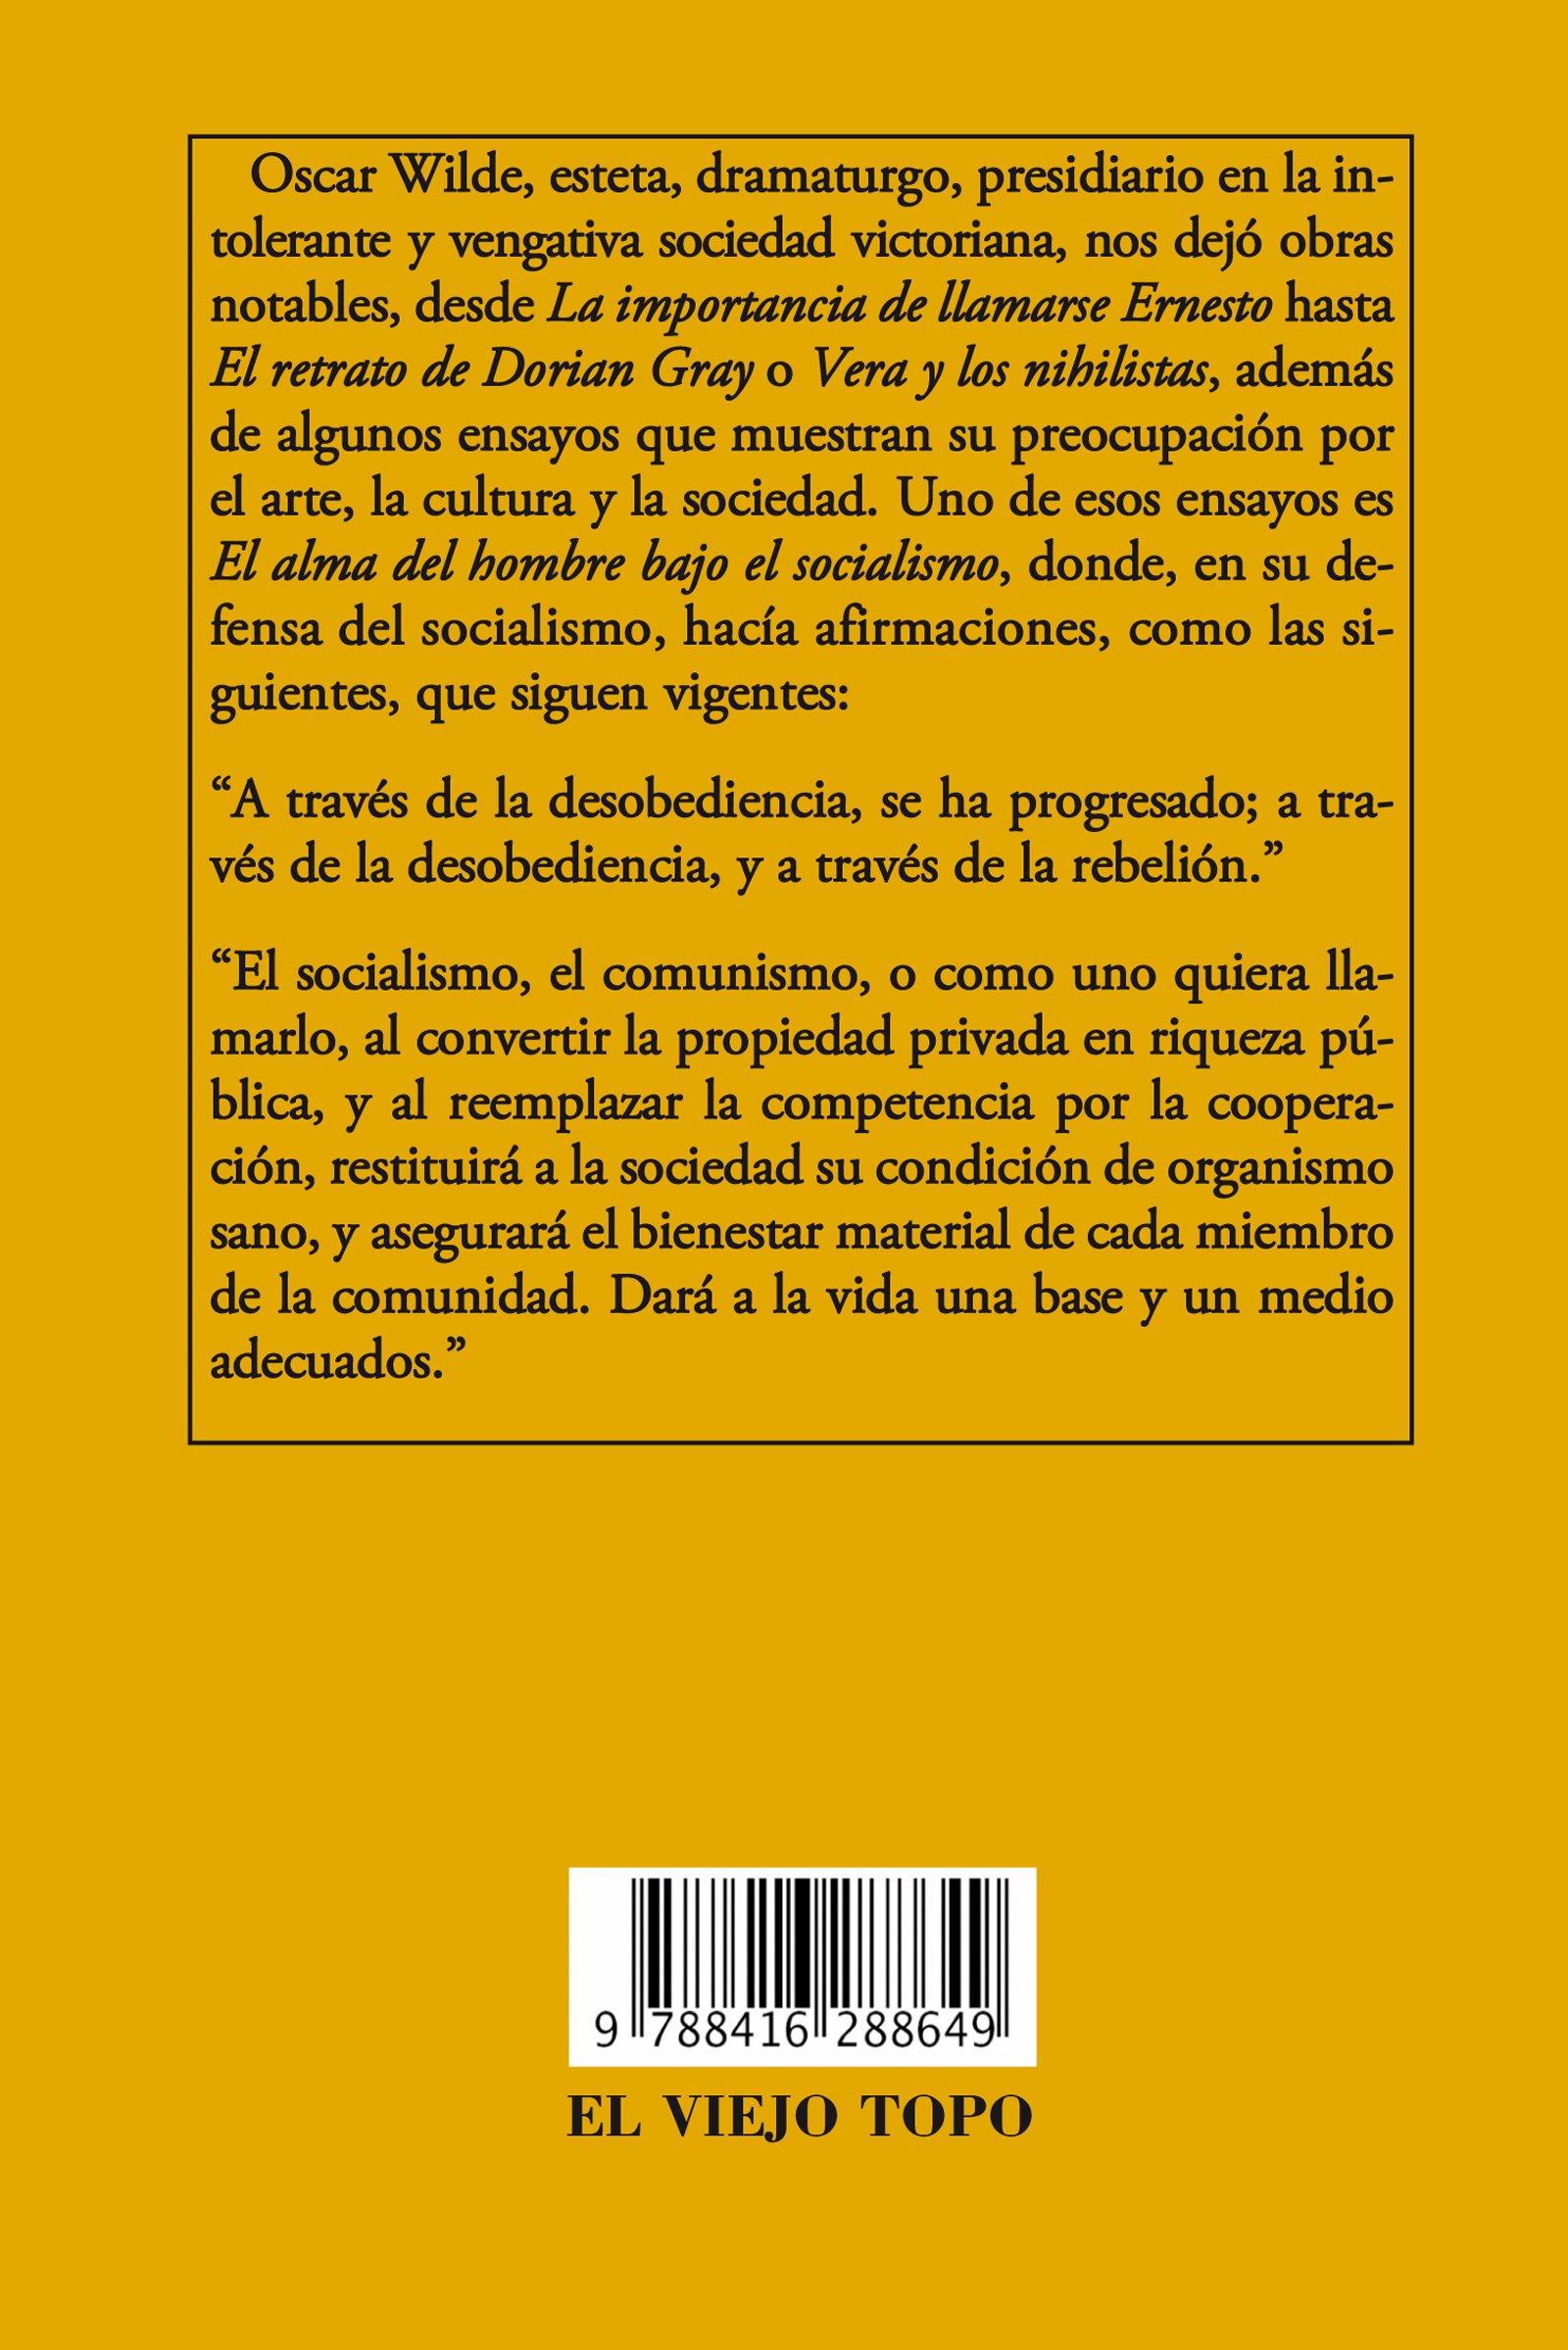 ALMA DEL HOMBRE BAJO EL SOCIALISM Clásicos de El Viejo Topo ...